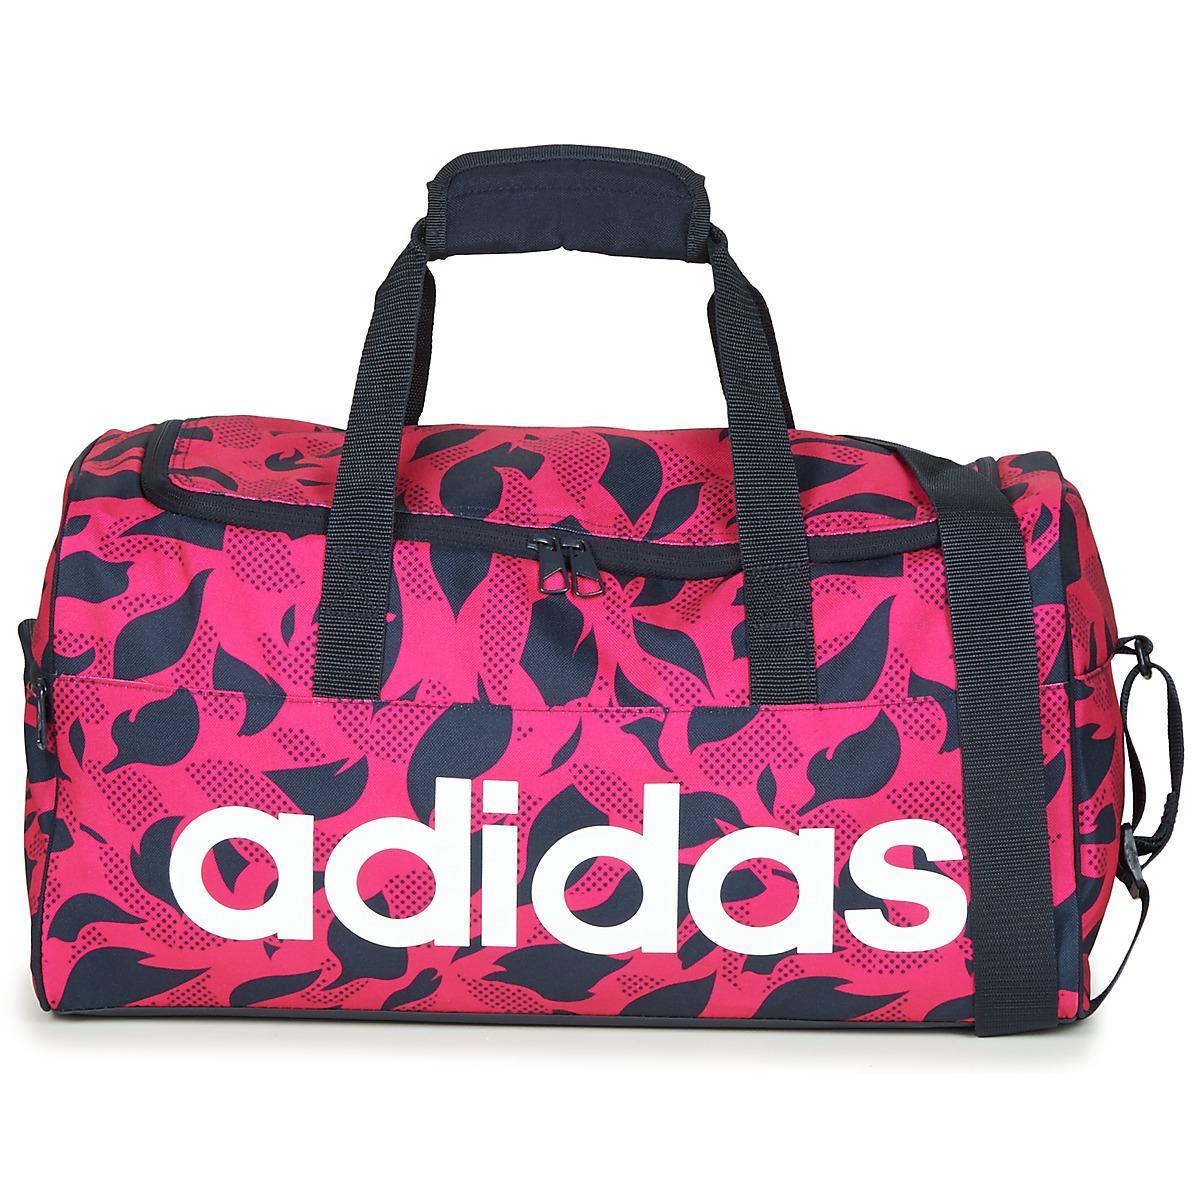 Adidas Duffle Bags Australia  832601cf7b6b4